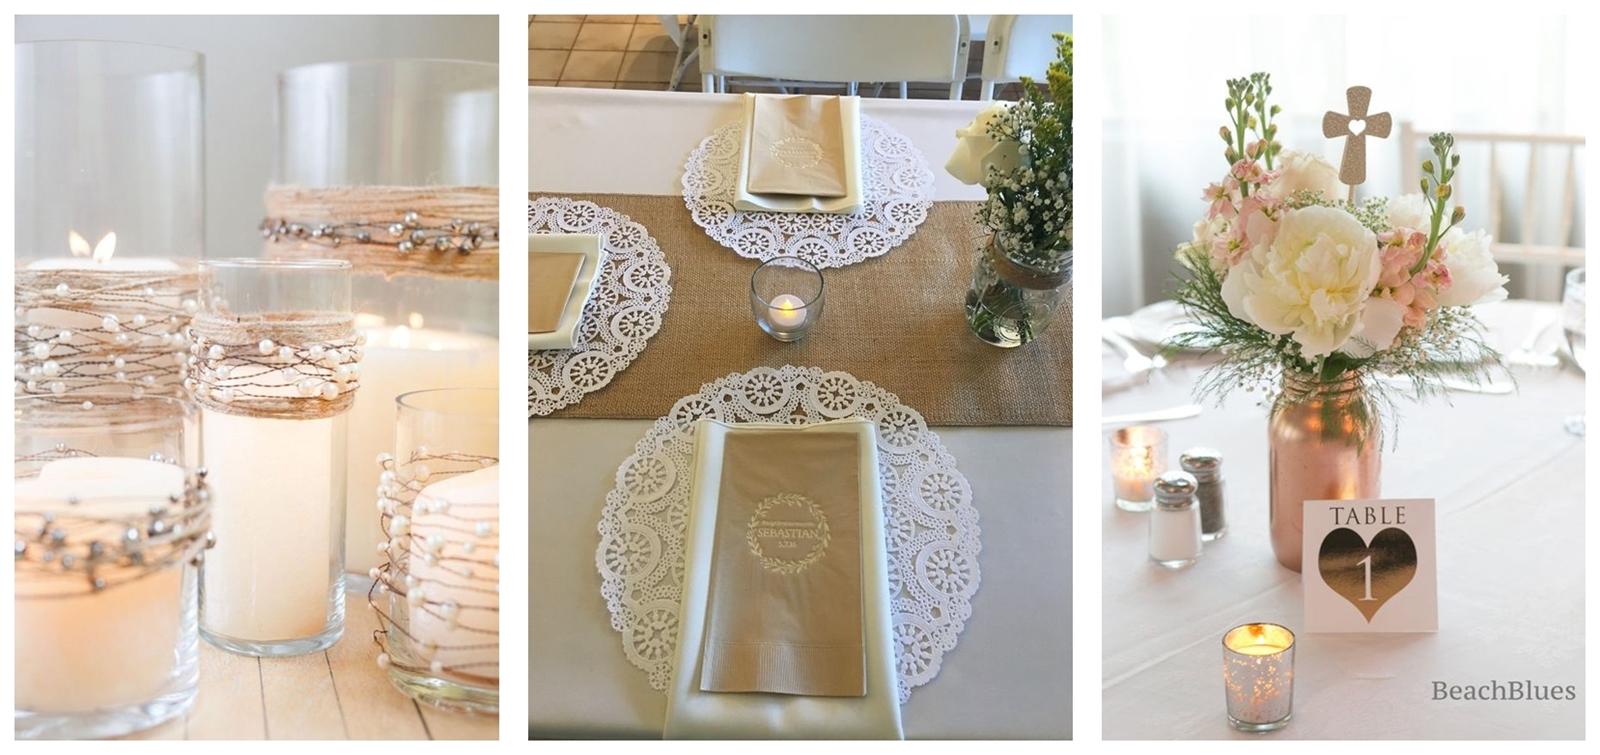 2 jak udekorować stół z okazji Pierwszej komunii świętej inspiracje pomysły tanie dekoracje dla dzieci